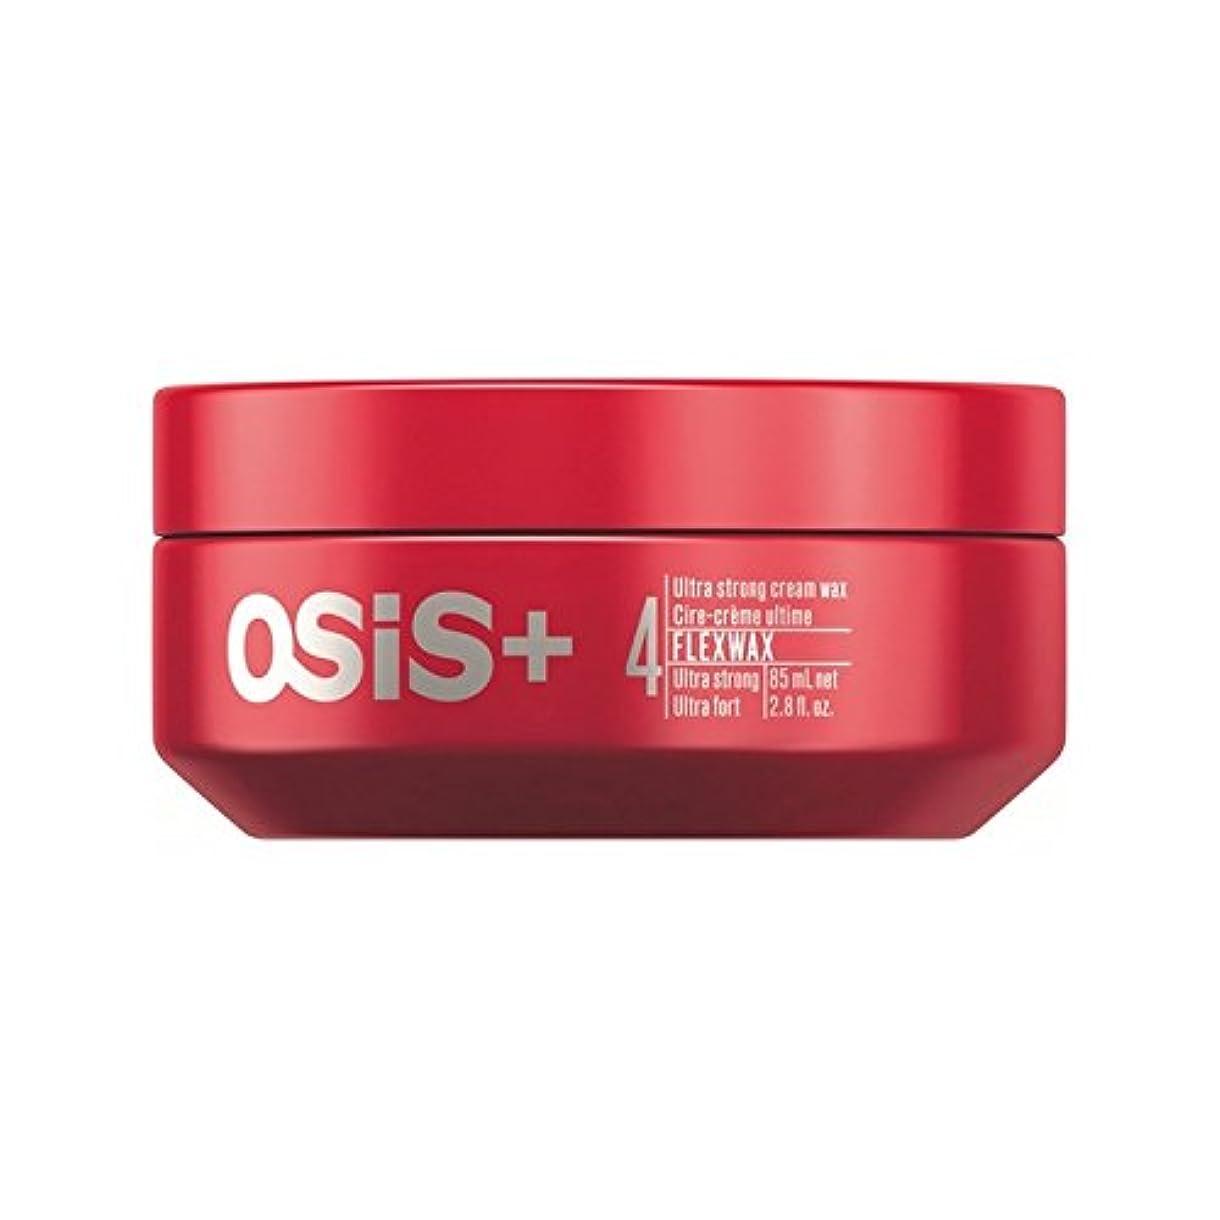 セメント施設強調するSchwarzkopf Osis Flexwax Ultra Strong Cream Wax (85ml) - シュワルツコフ 超強力なクリームワックス(85ミリリットル) [並行輸入品]